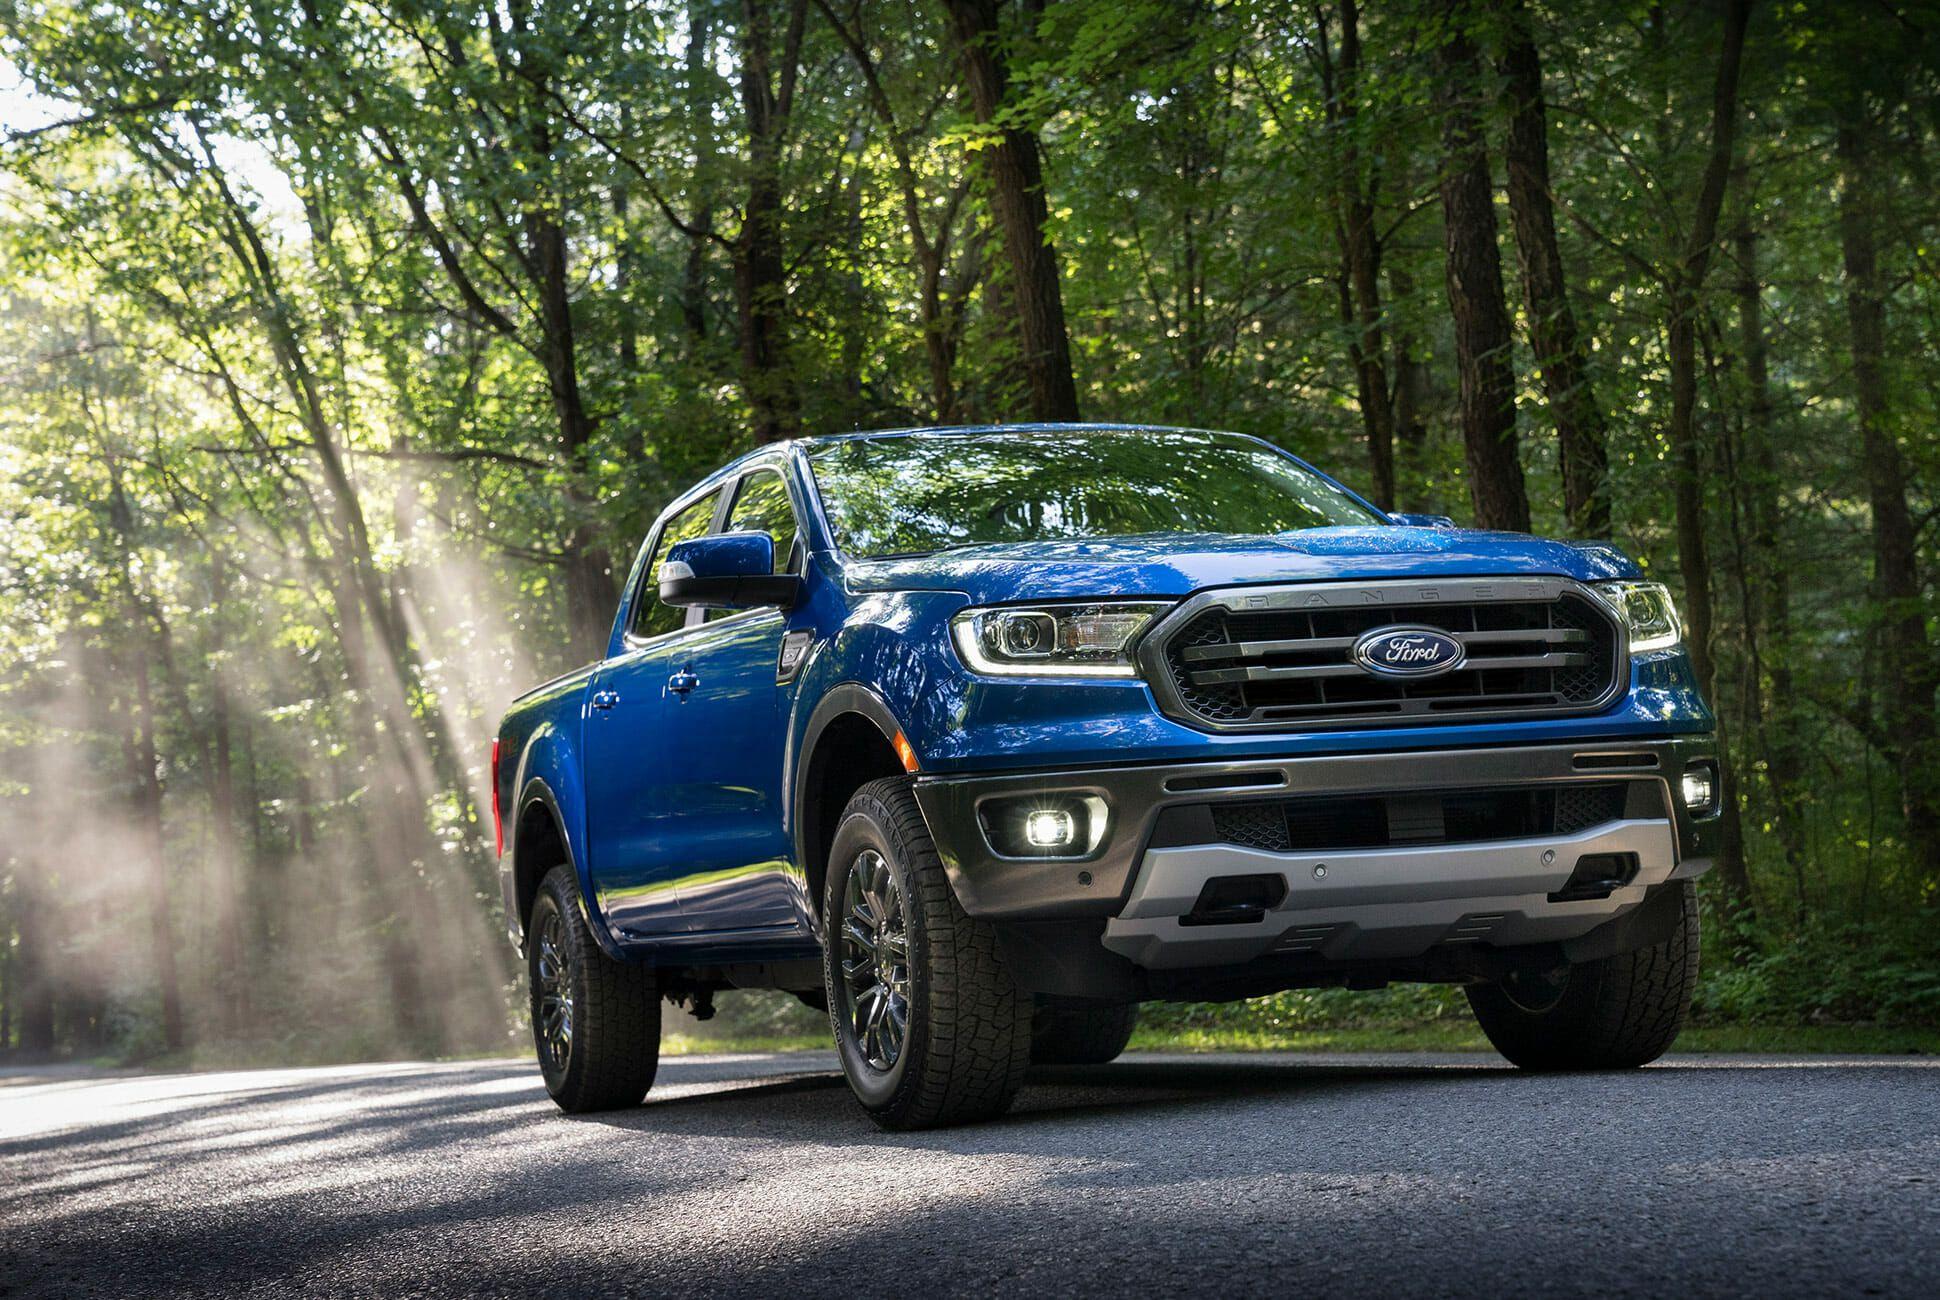 Ford-Ranger-FX2-gear-patrol-slide-4